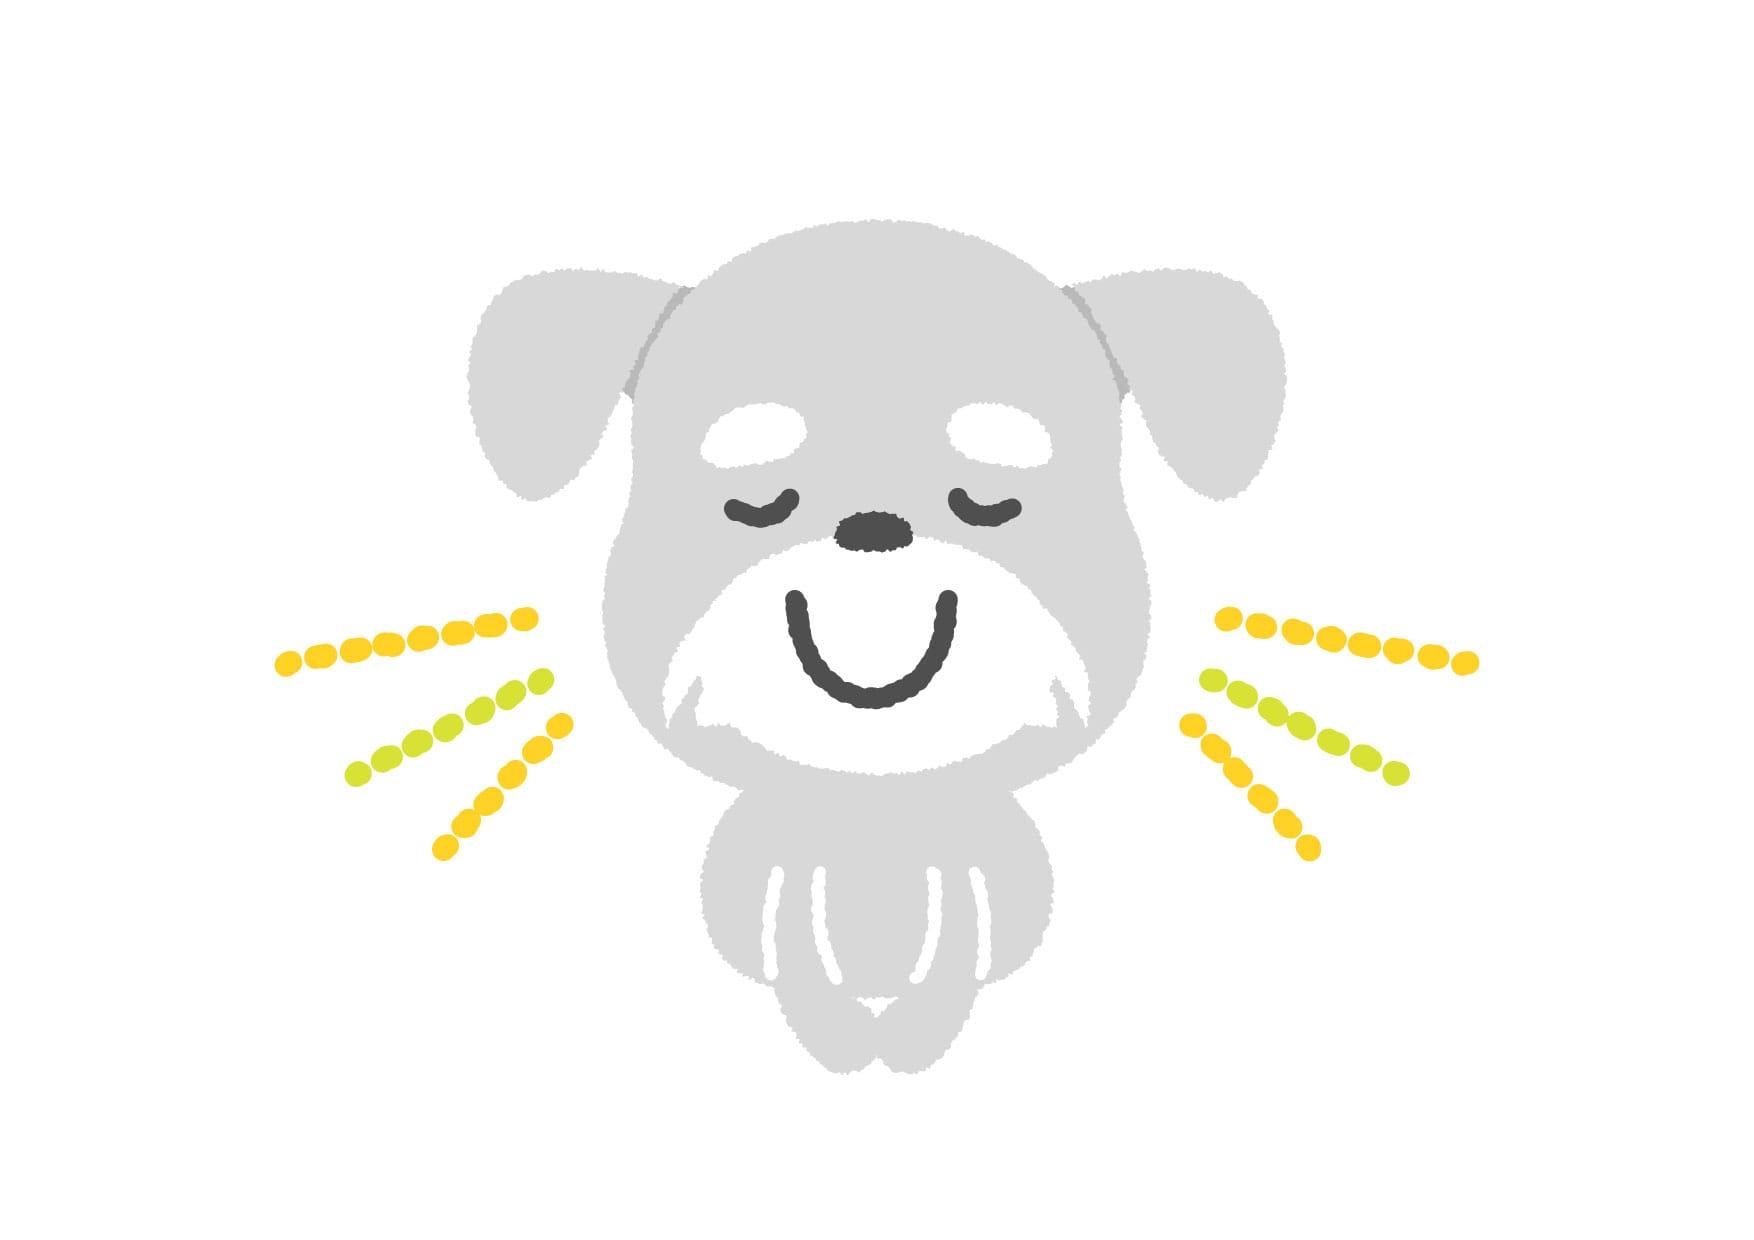 可愛いイラスト無料|犬 お辞儀 − free illustration  Dog bow